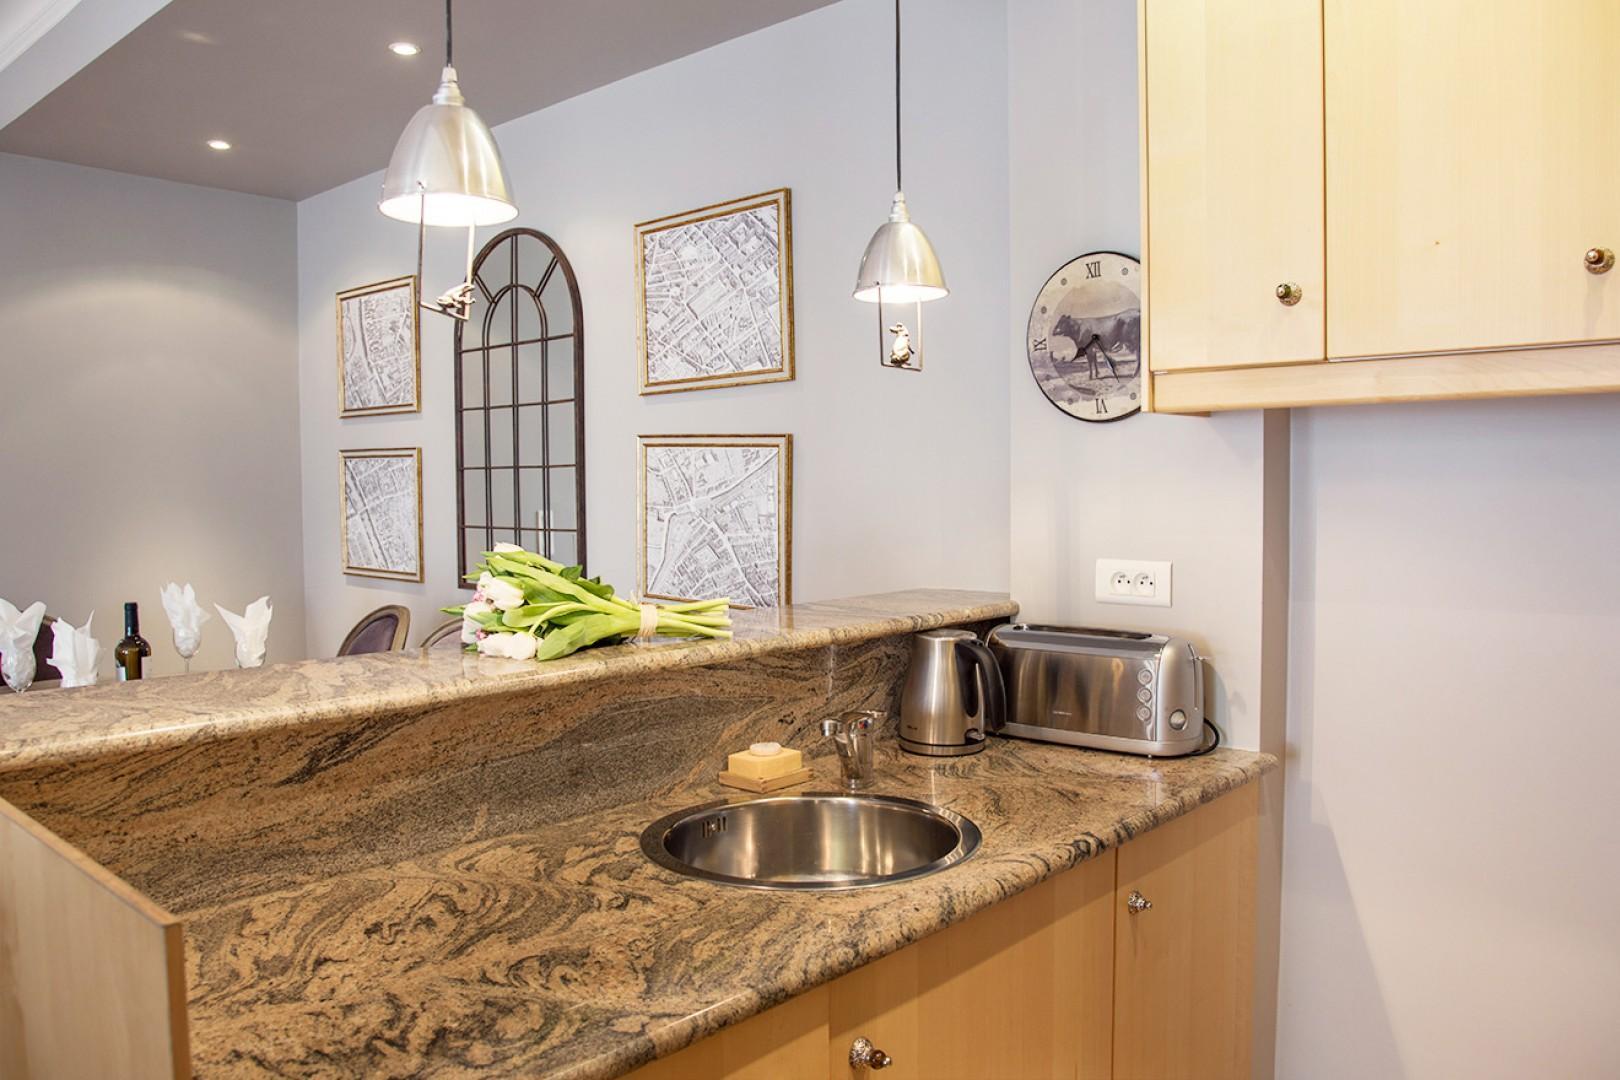 Enjoy preparing meals in your Parisian kitchen!